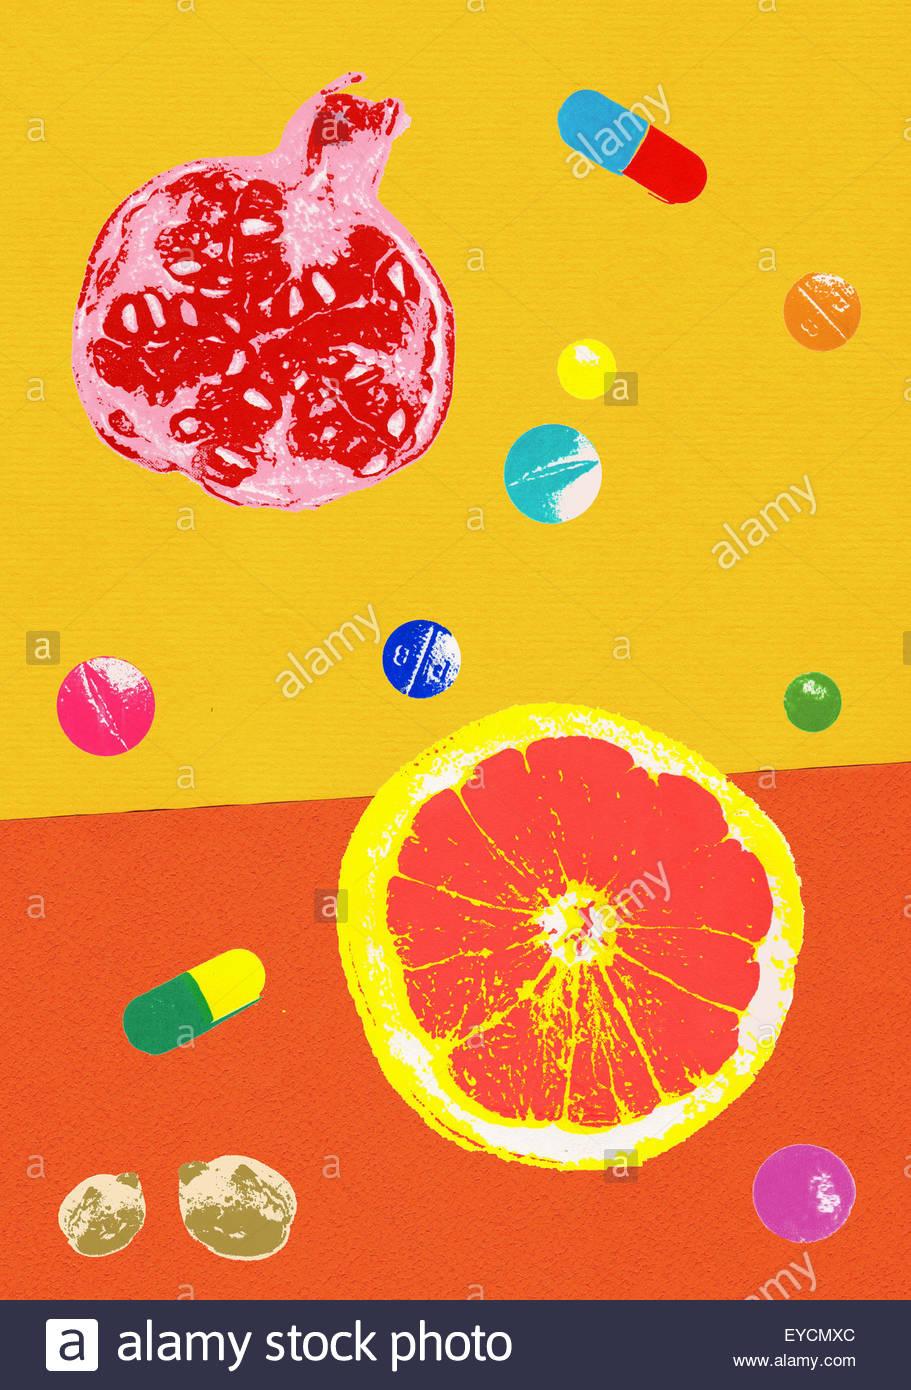 Natürliche Nahrungsergänzungsmittel gesunde kontrastierenden mit Pillen und Ernährung Stockbild